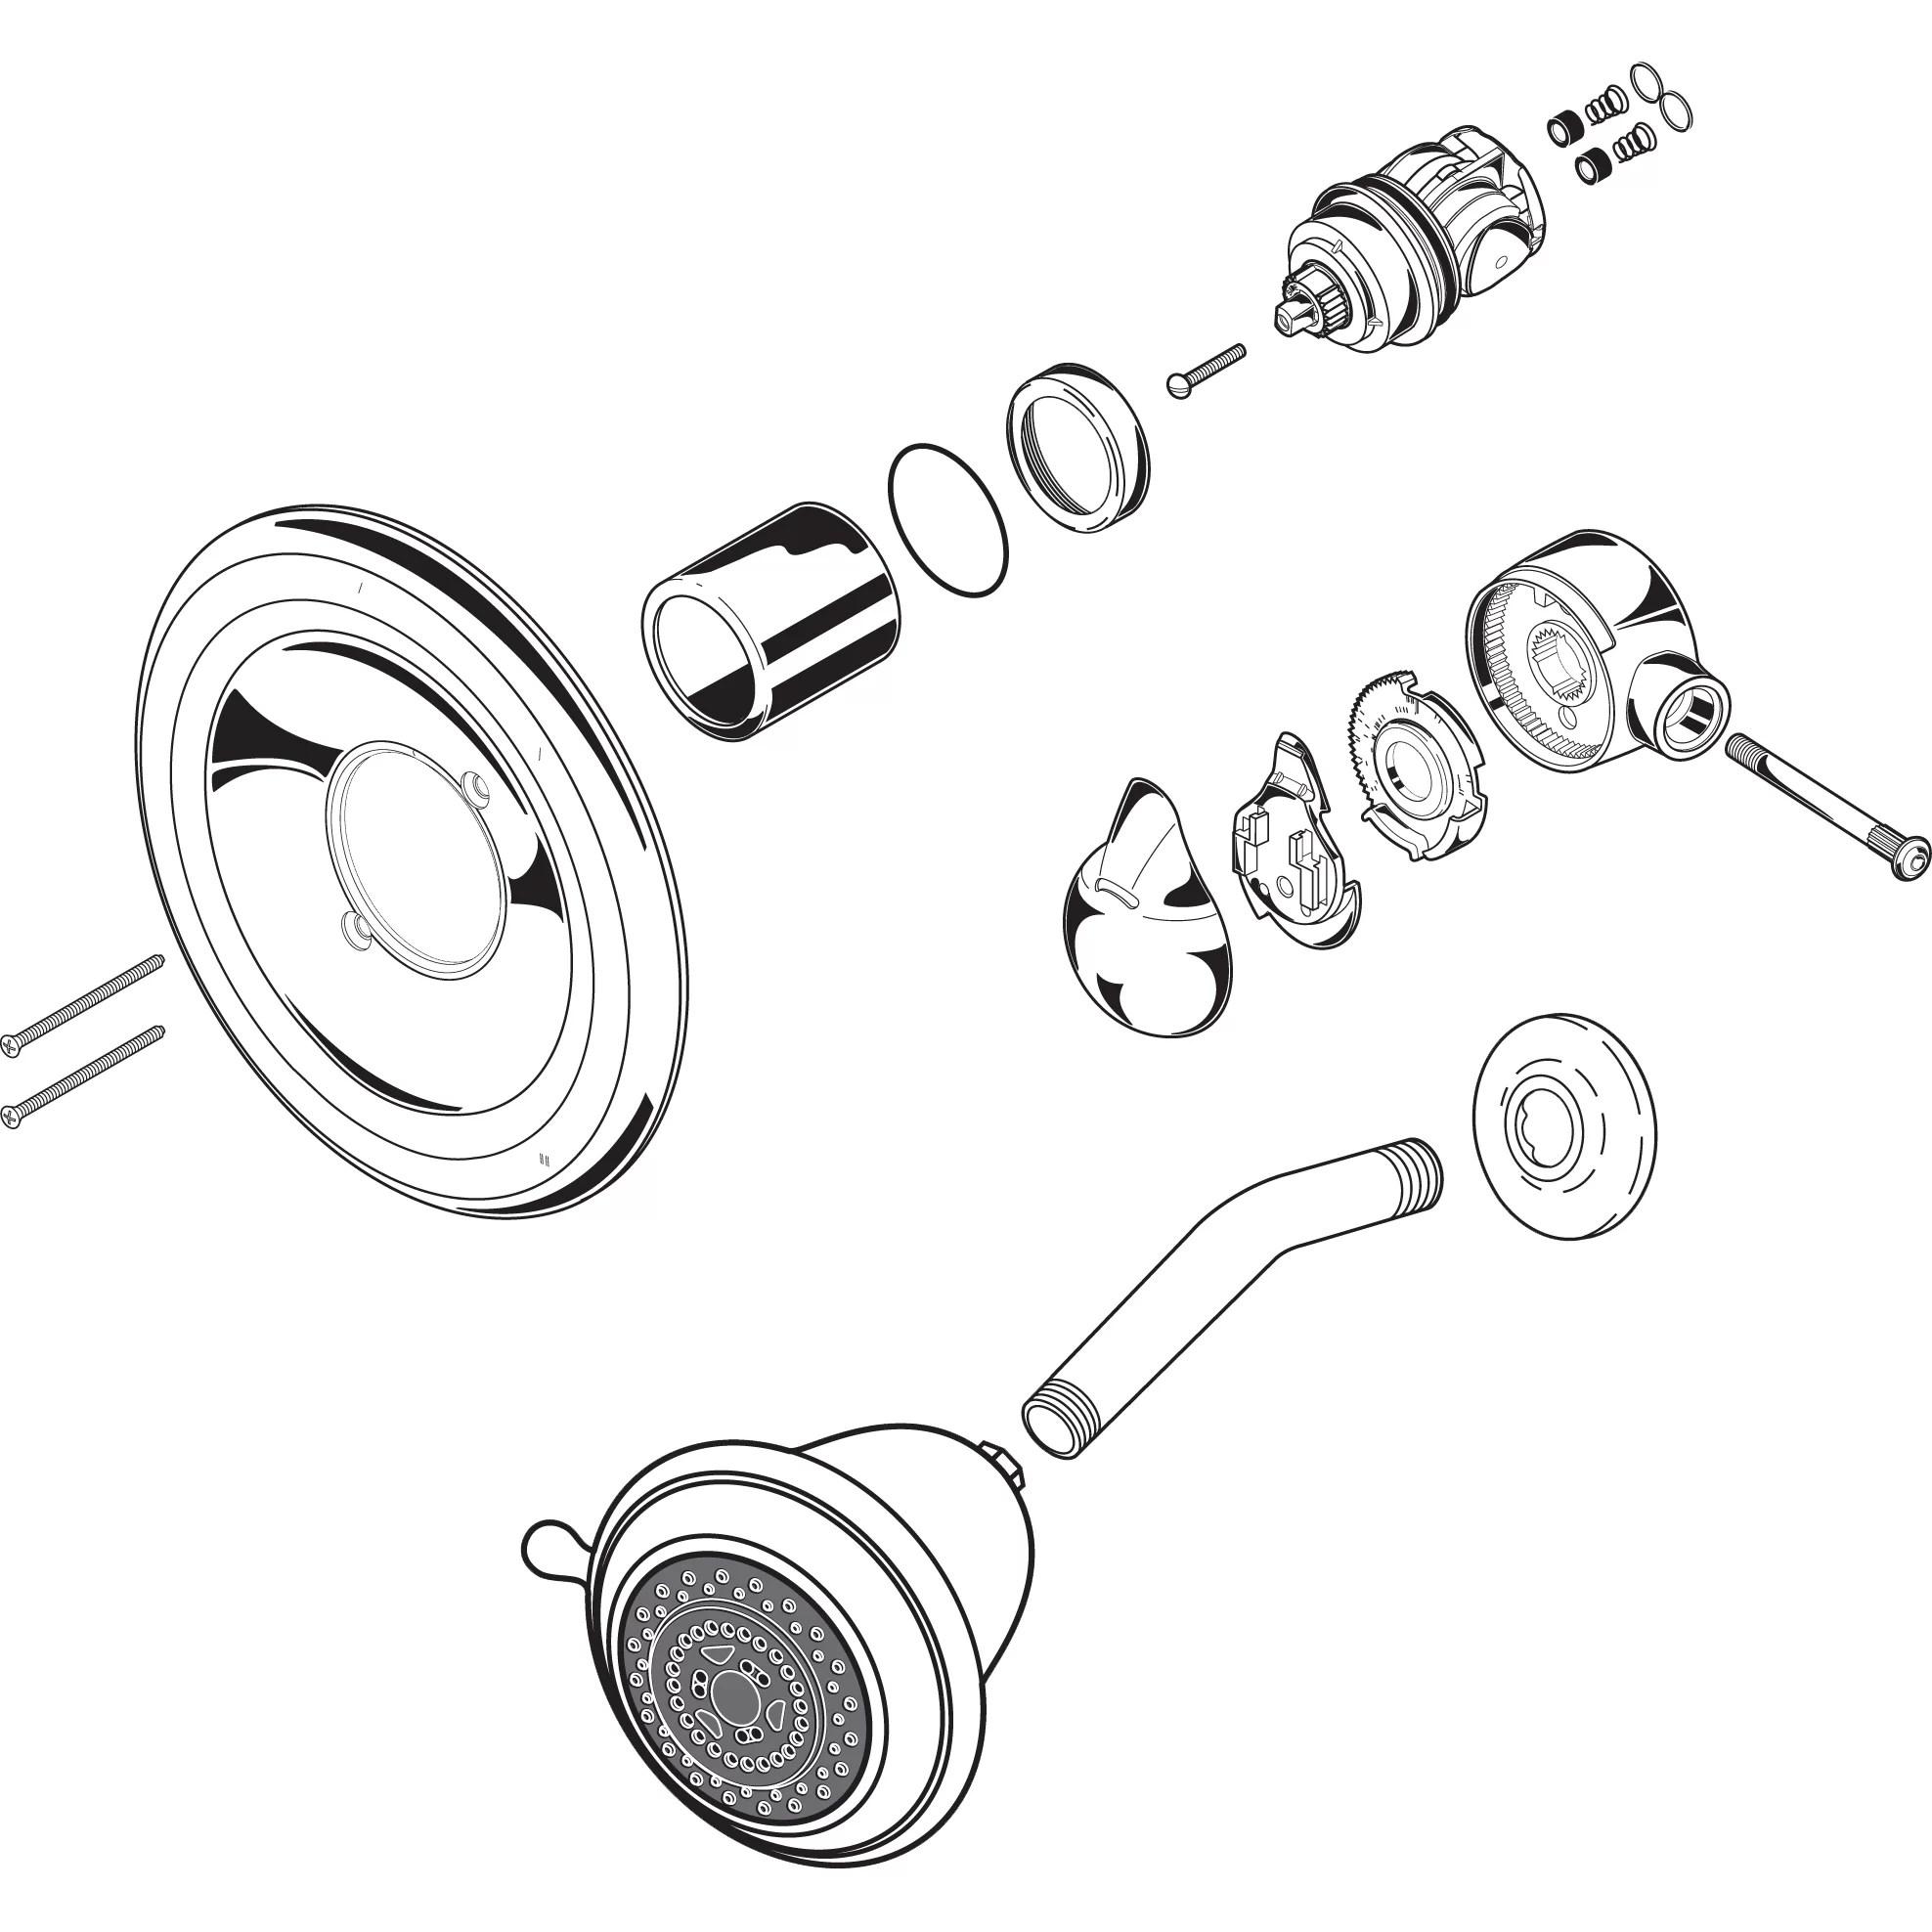 Delta 1400 Series Shower Faucet Repair